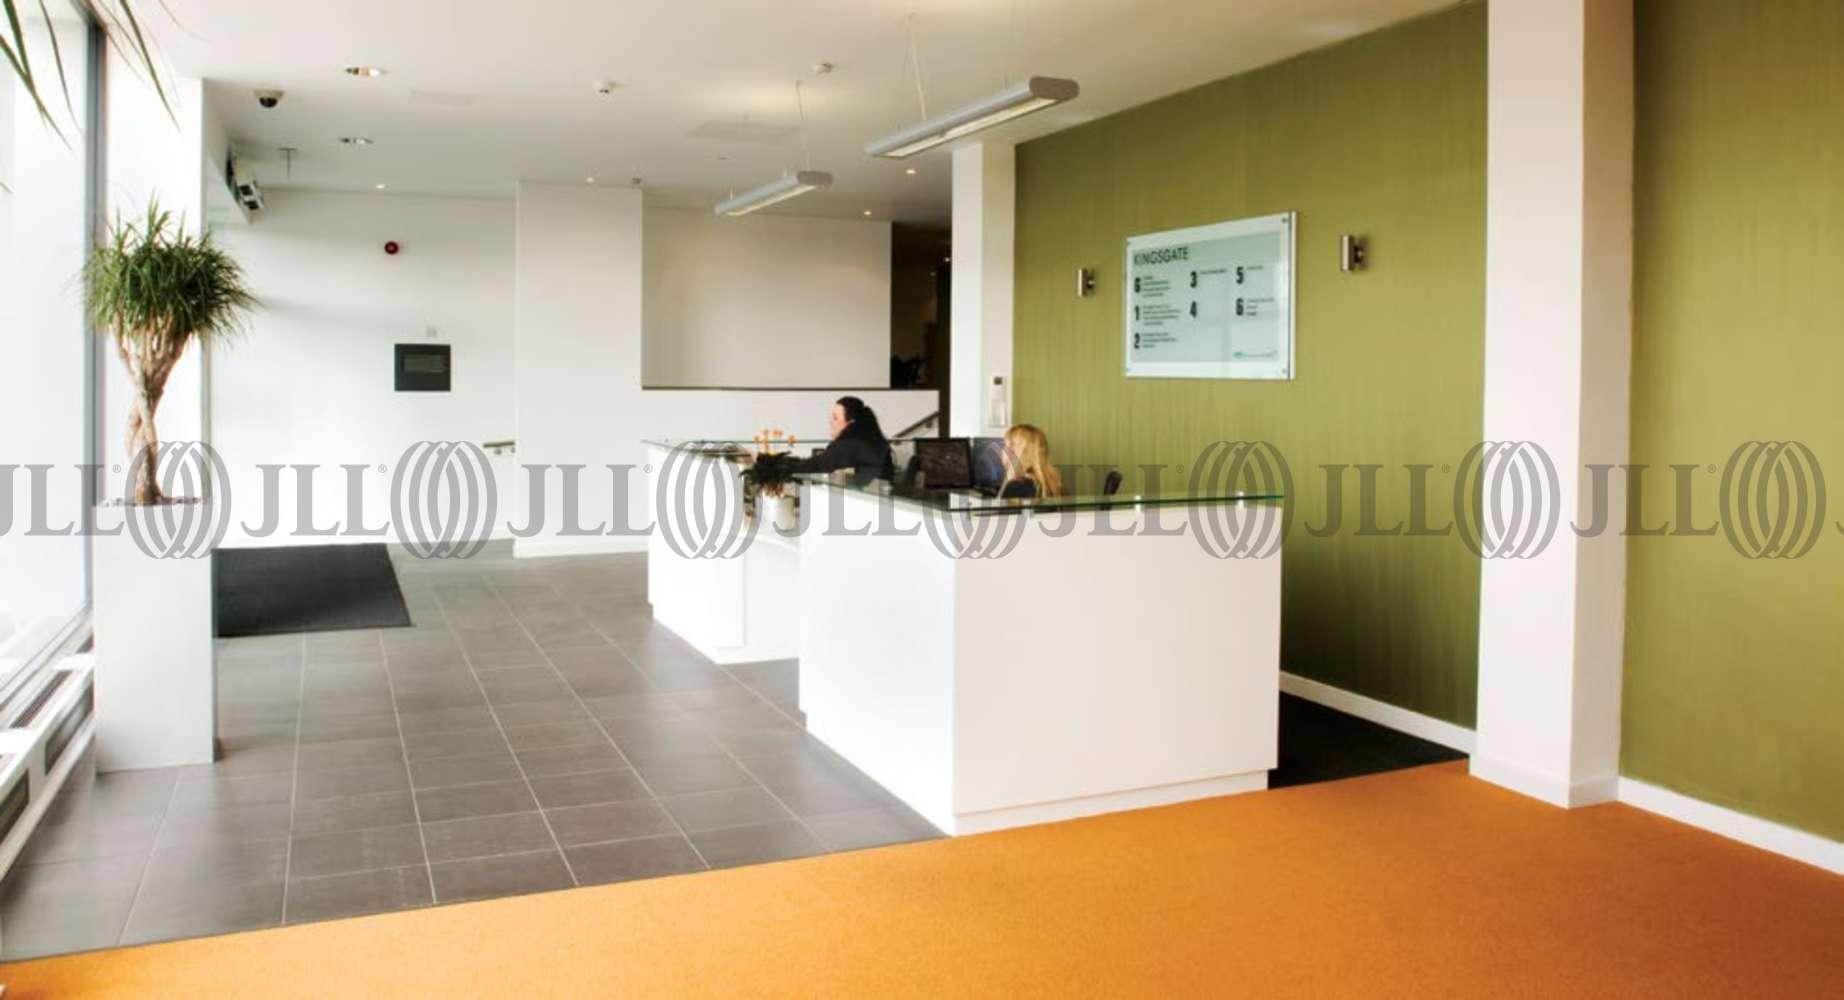 Office Stockport, SK4 1LW - Kingsgate - 1